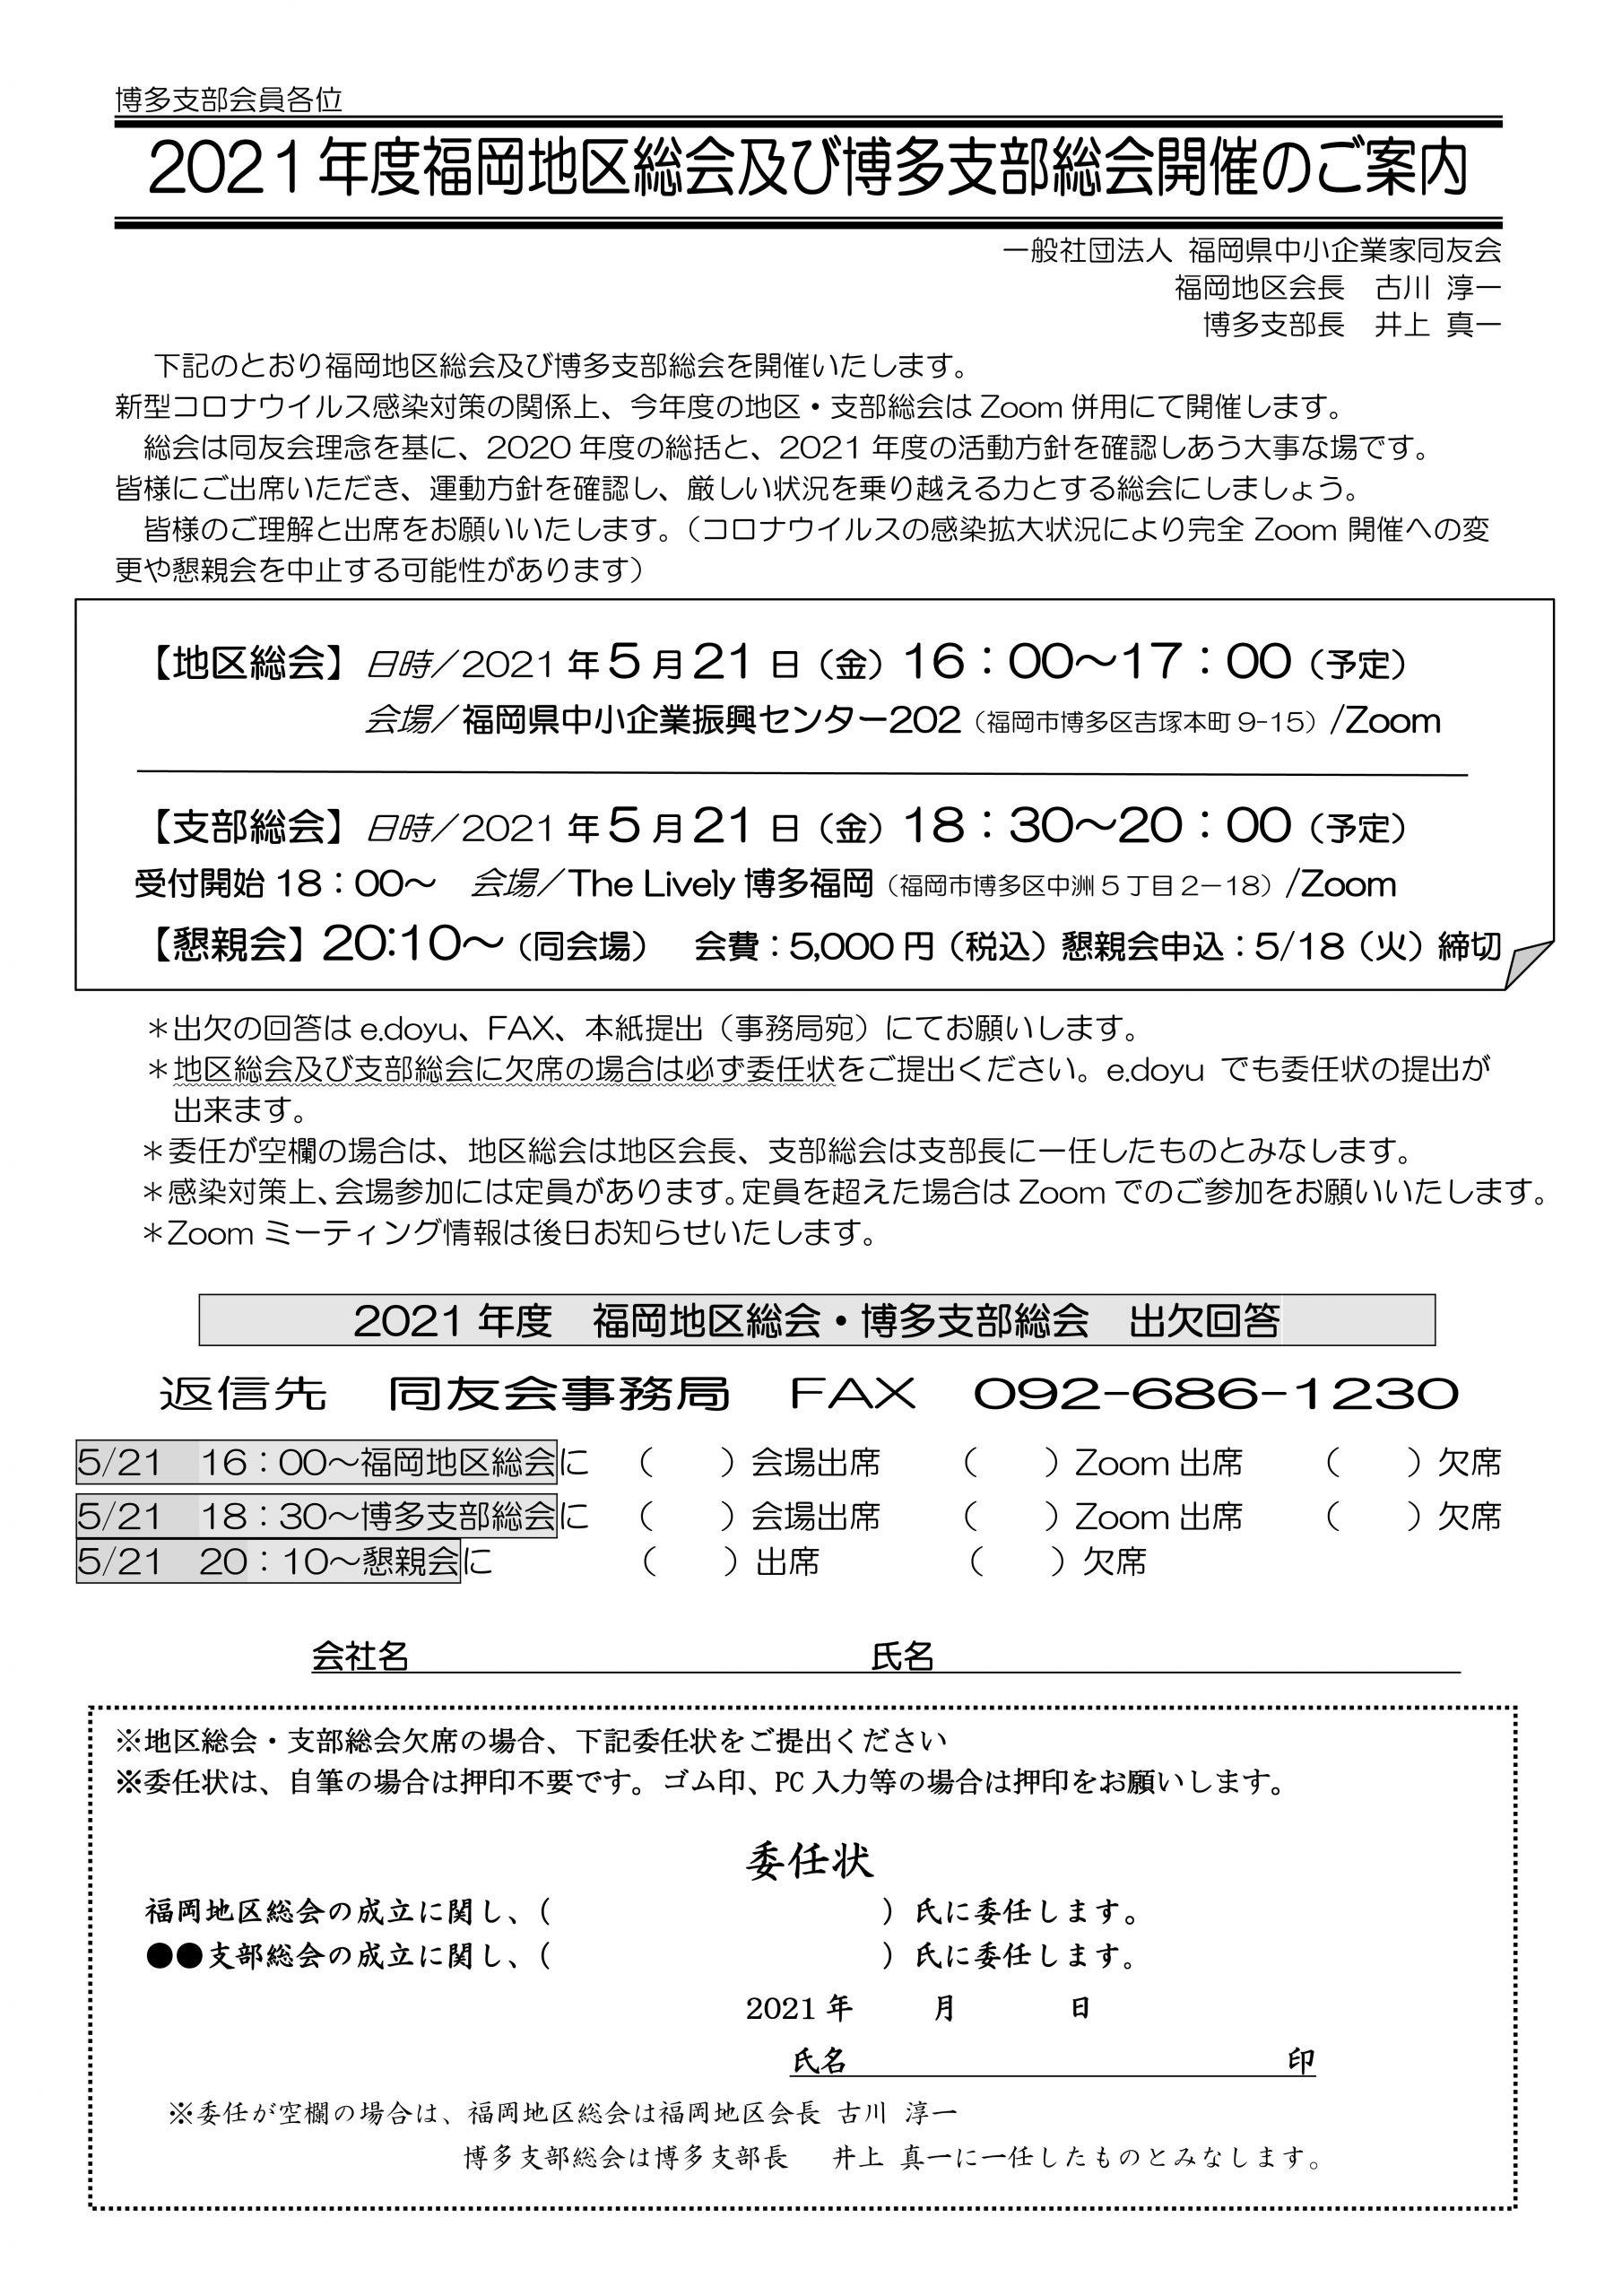 2021年度 博多支部総会及び福岡地区総会開催のご案内